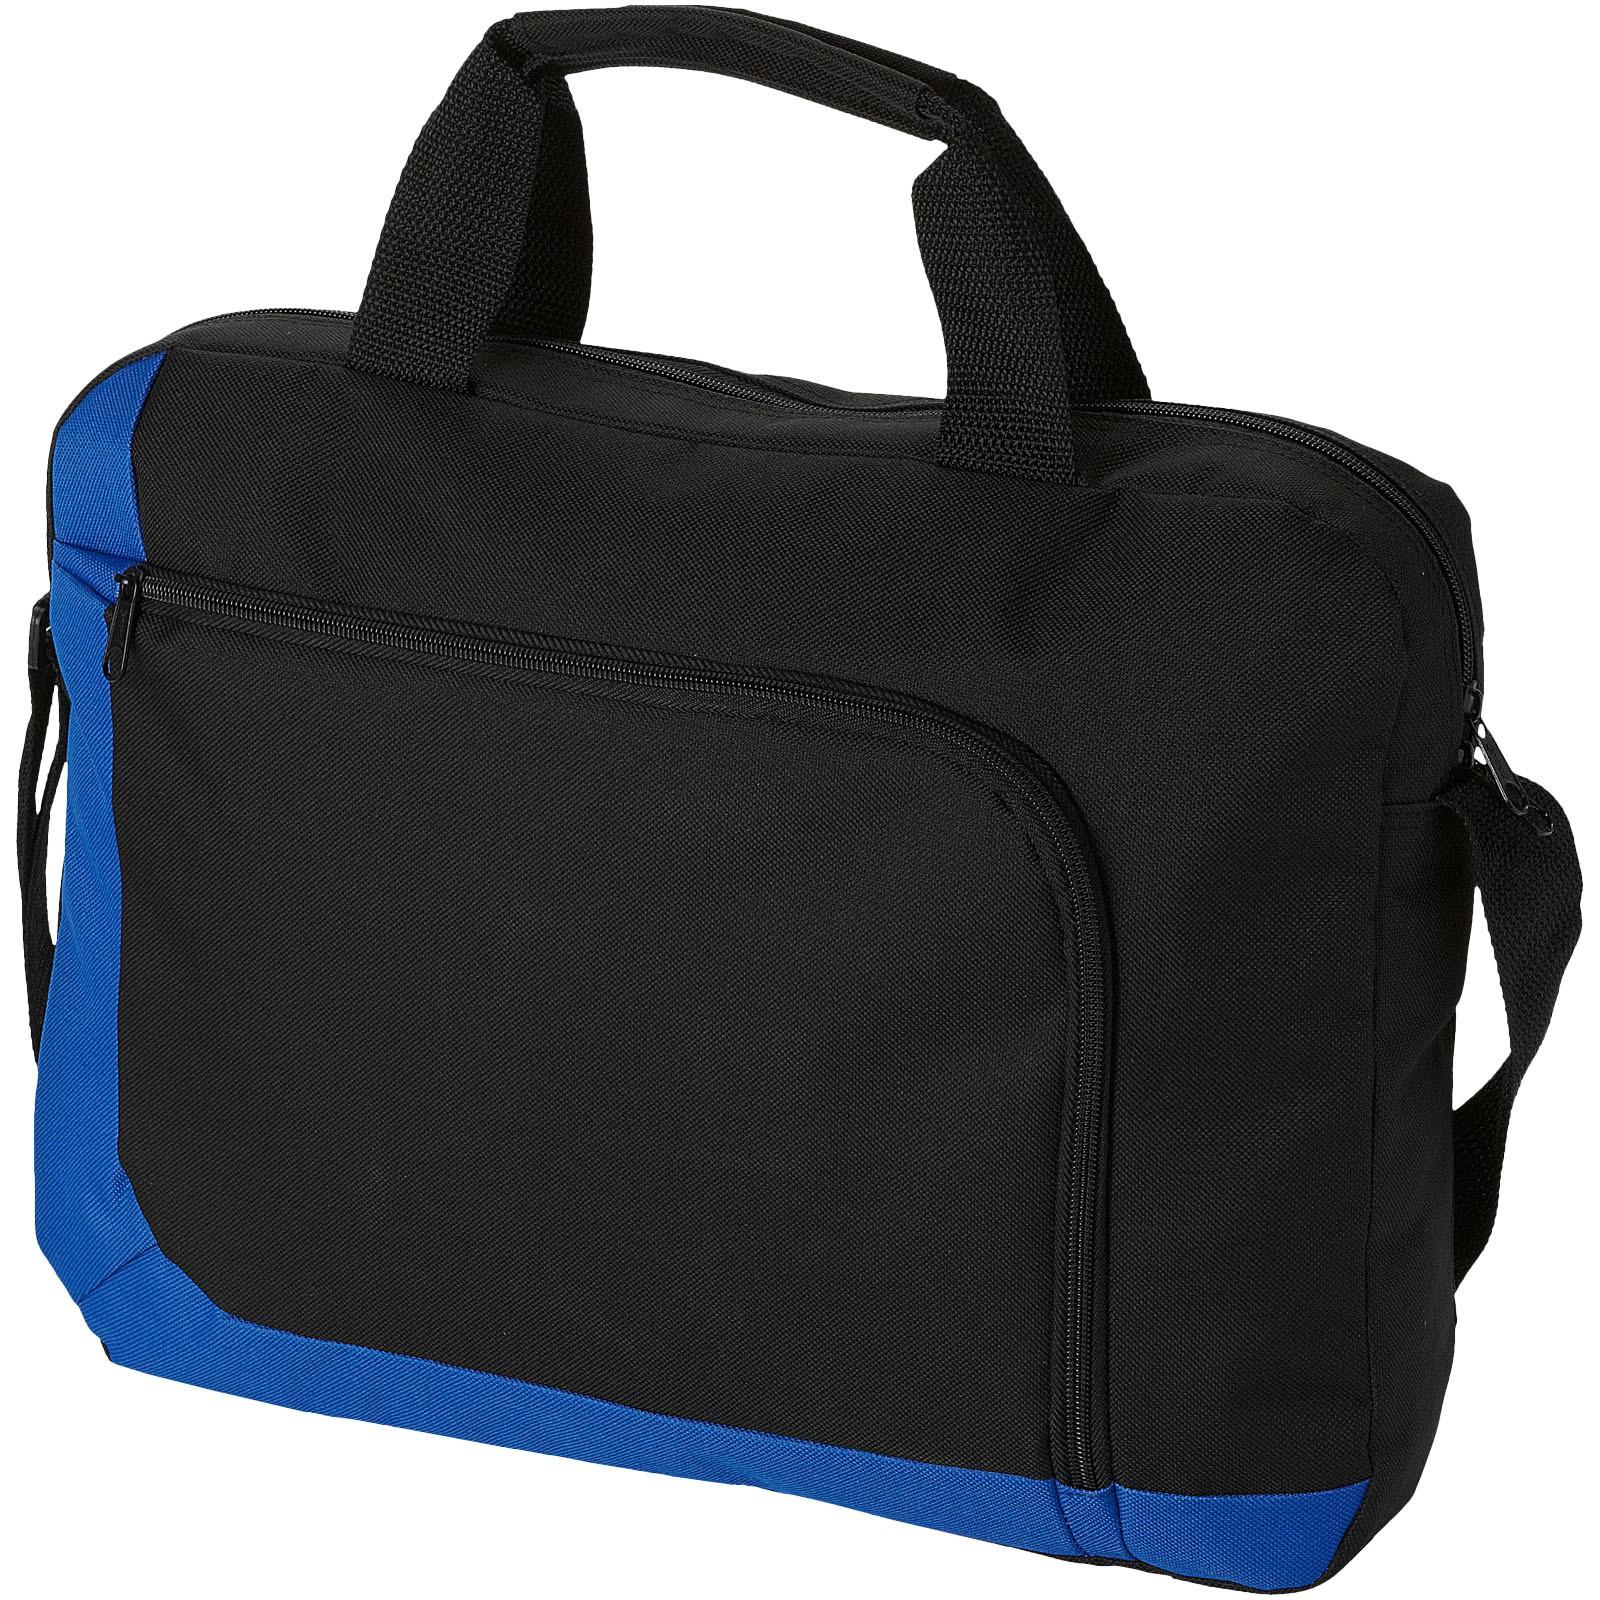 Konferenční taška San Francisco - Světle modrá